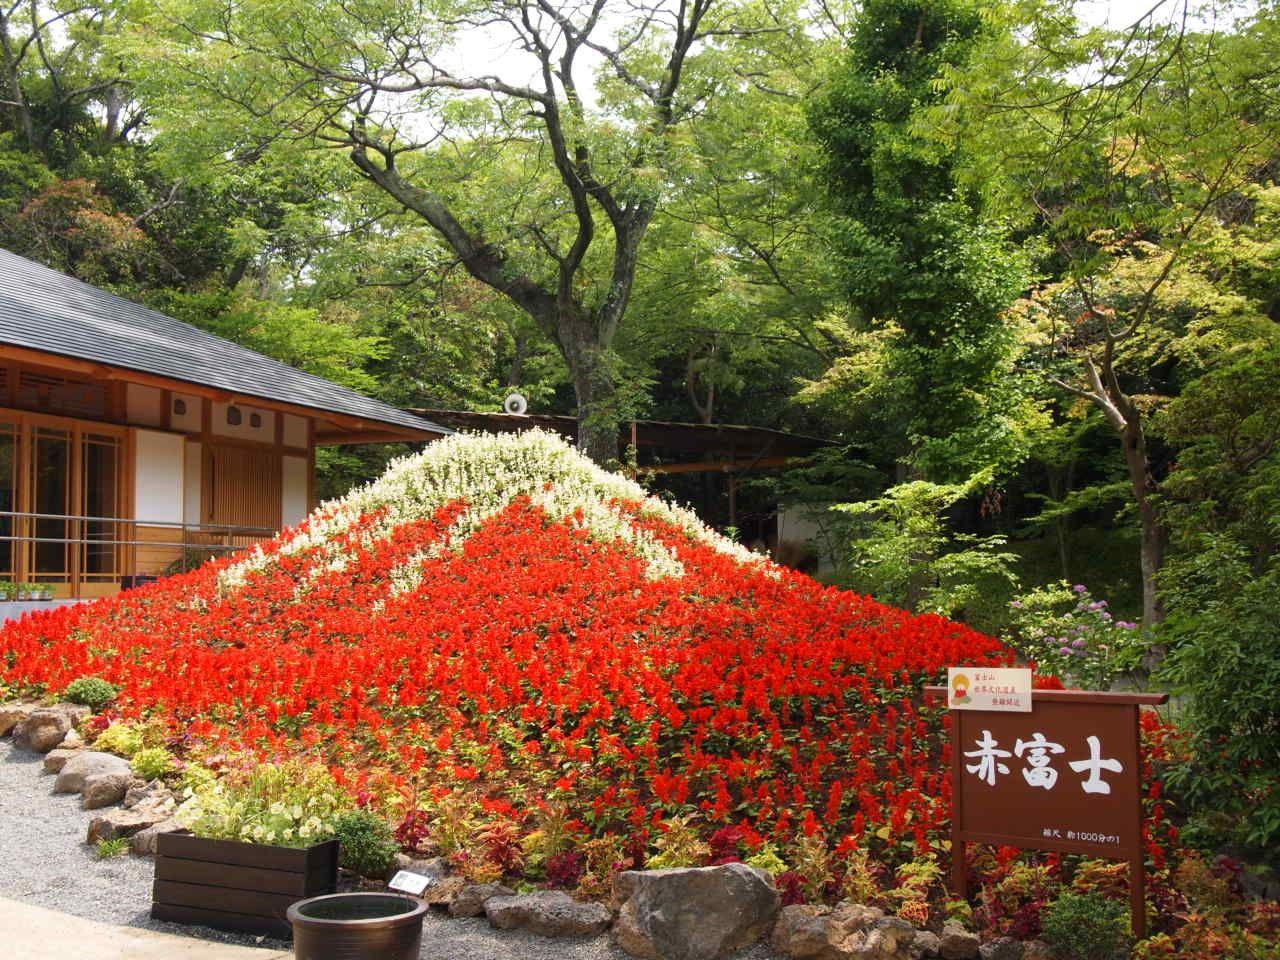 富士山のお膝元!!自然が豊かな三島市の子供から大人まで楽しめる魅力ある公園「楽寿園」!〜静岡県